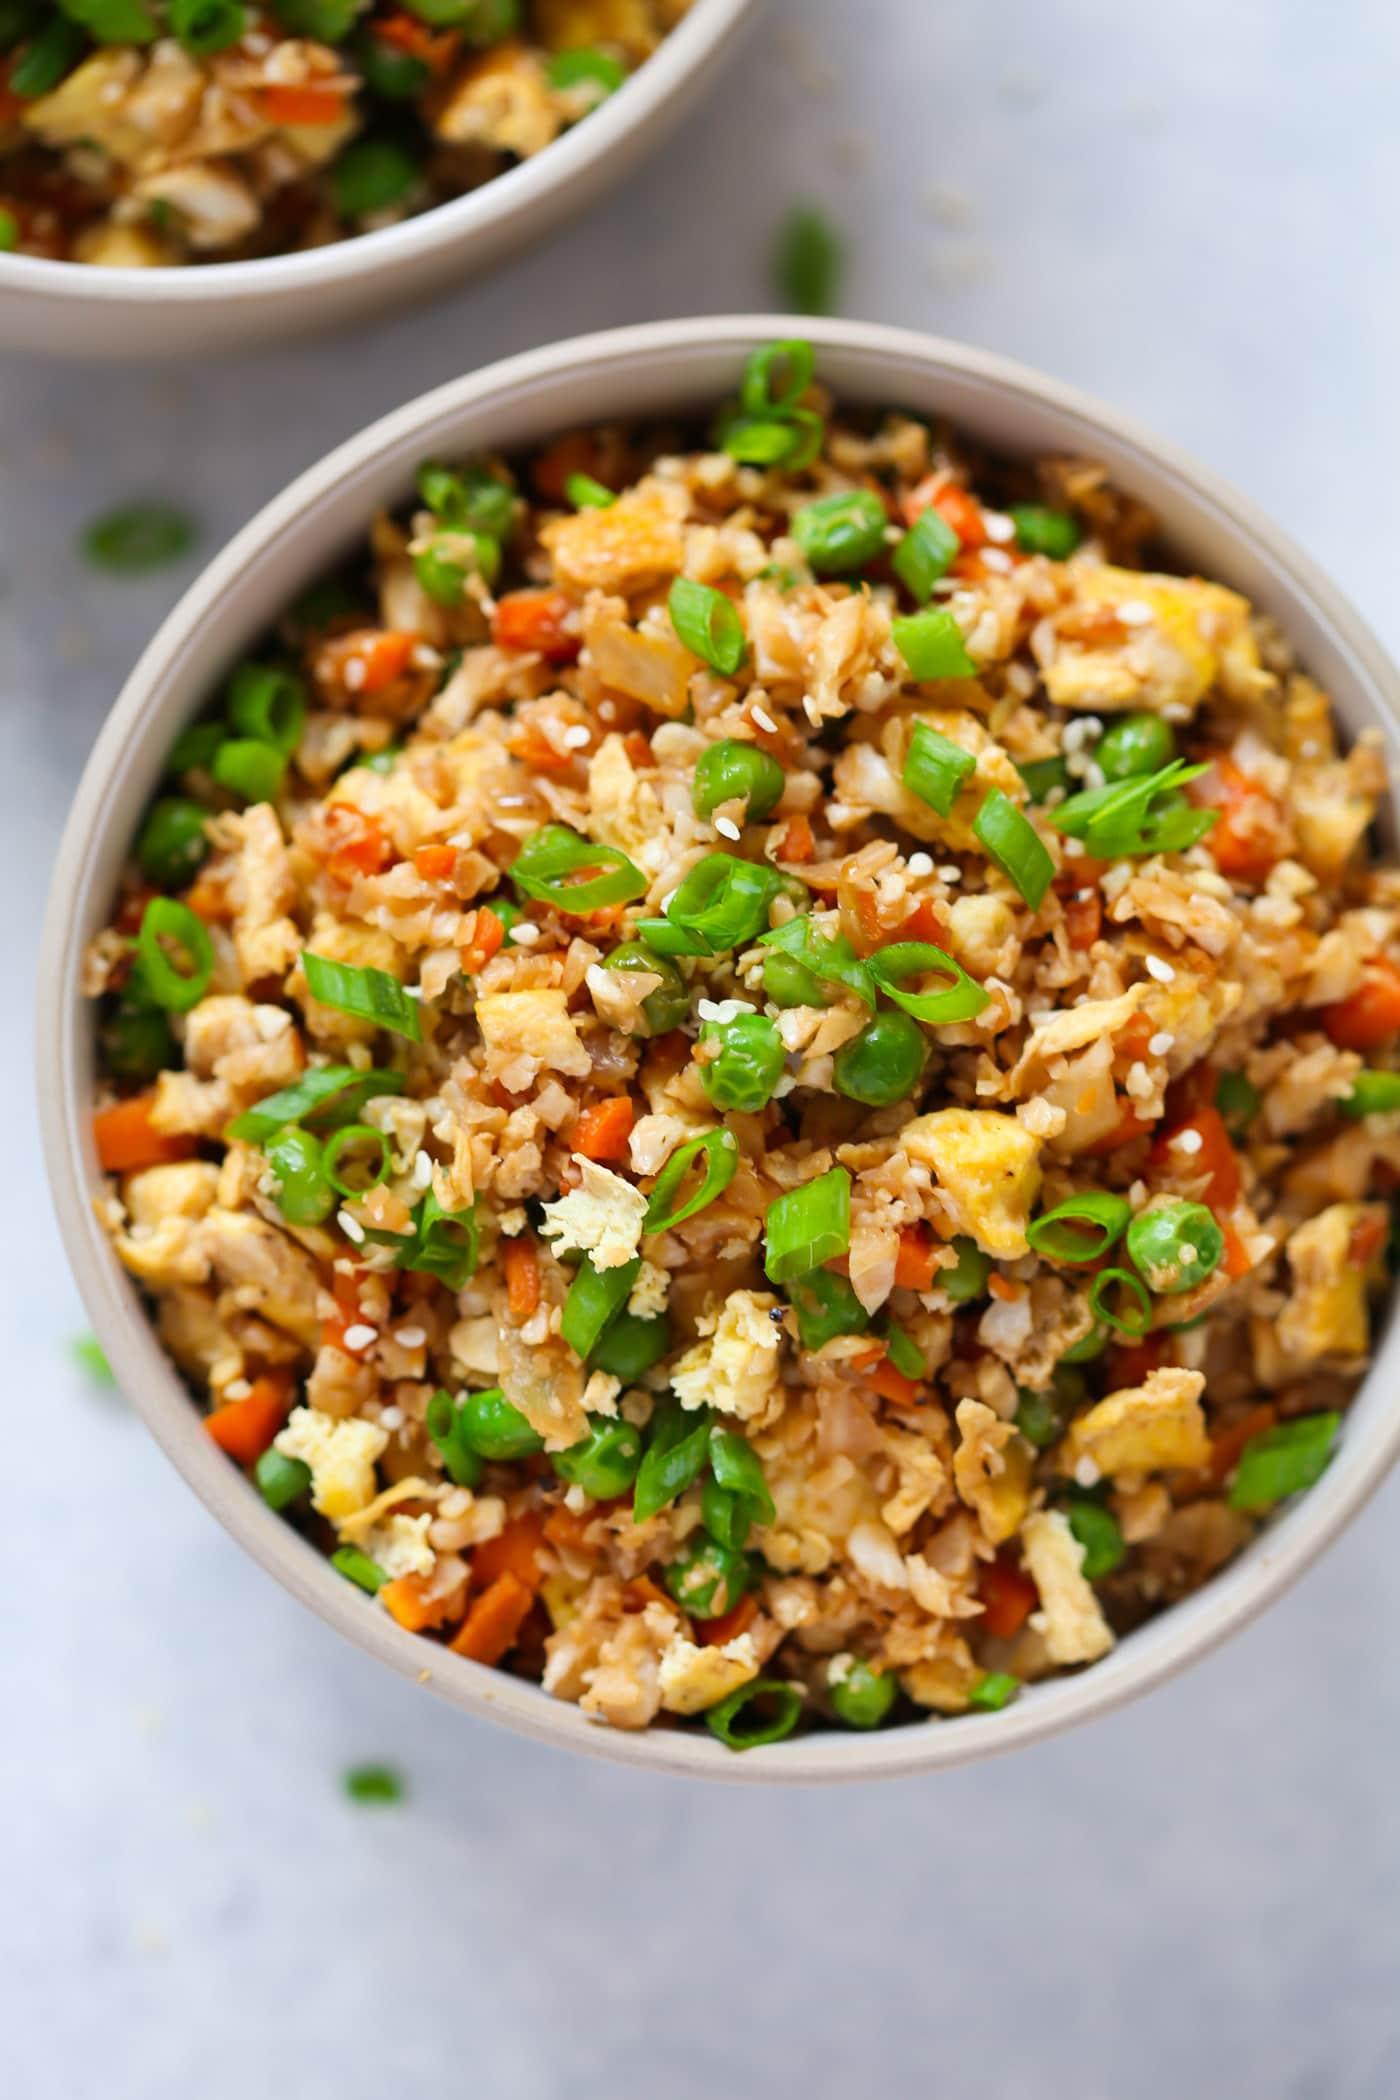 15 Scrumptious Ways to Make Vegetarian Fried Rice